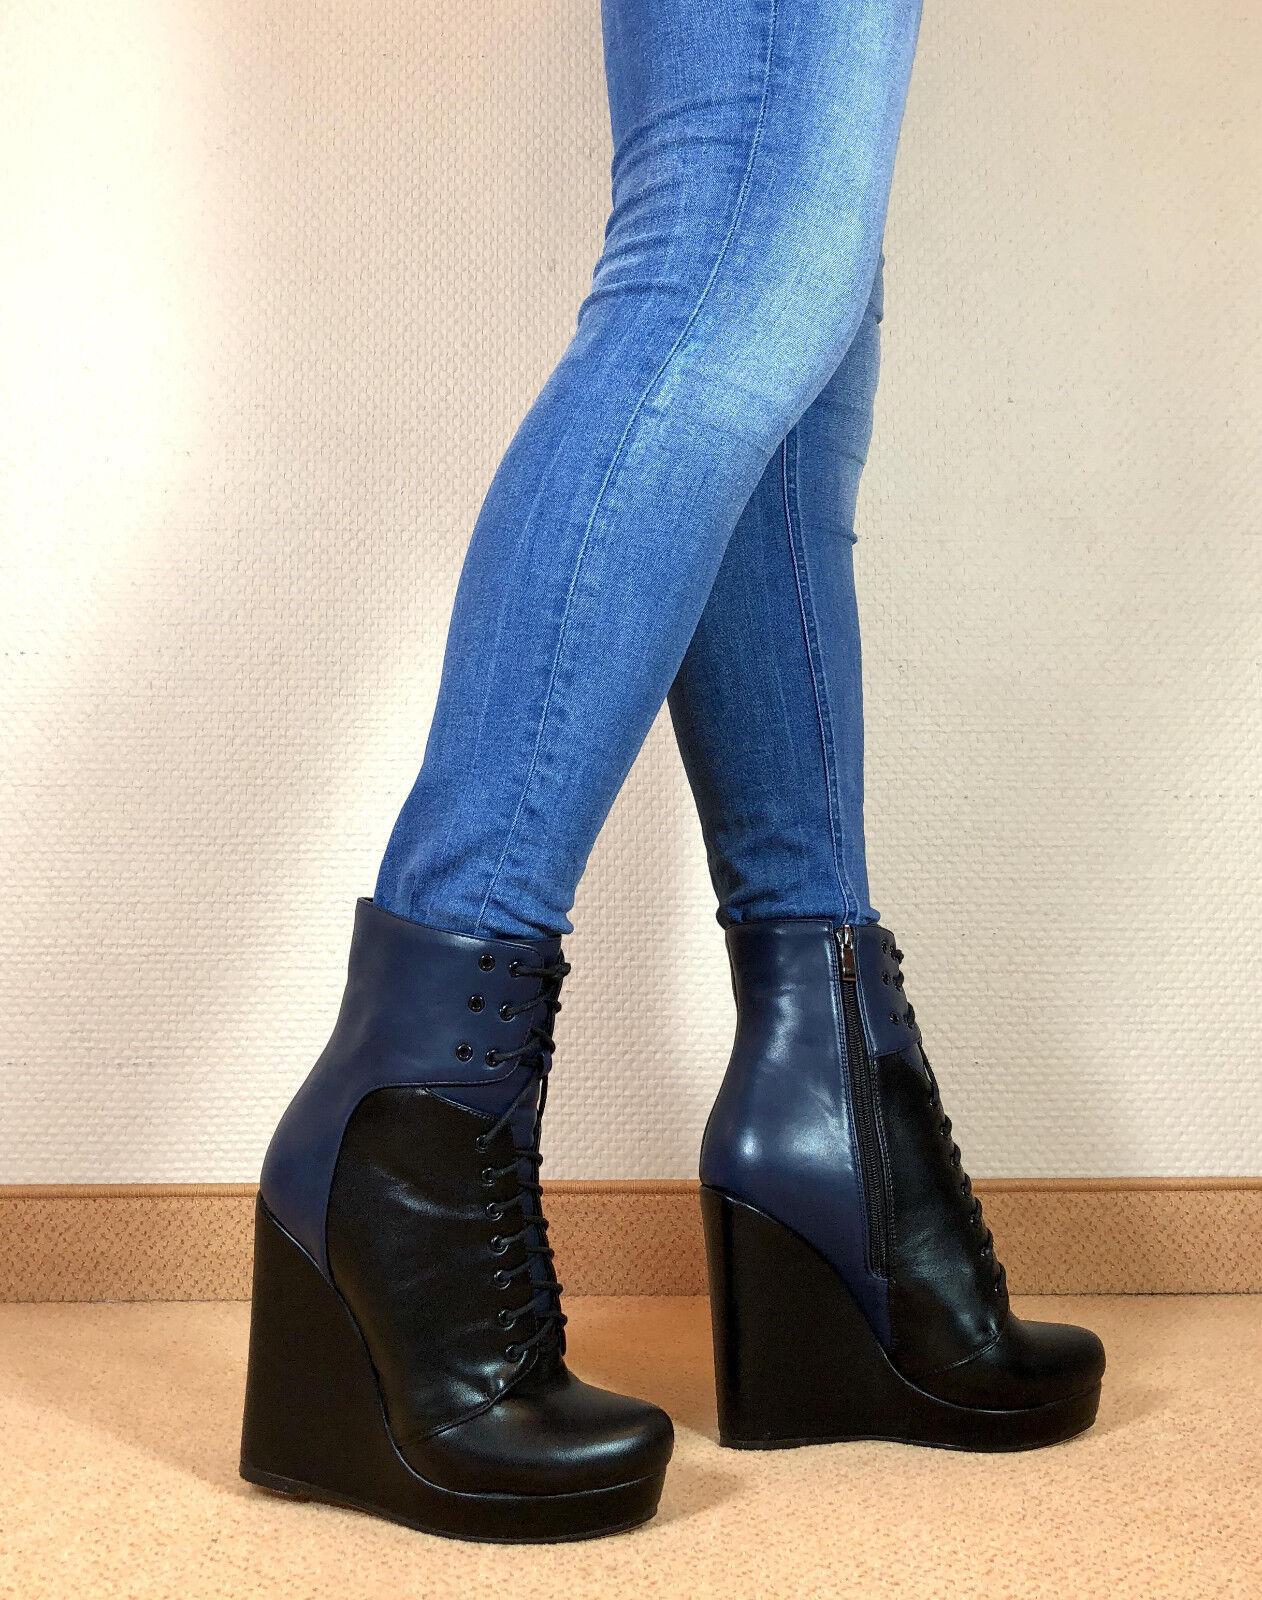 Talla 46 exclusivos zapatos señora botín de de de cuña bota botas hombres g1  respuestas rápidas